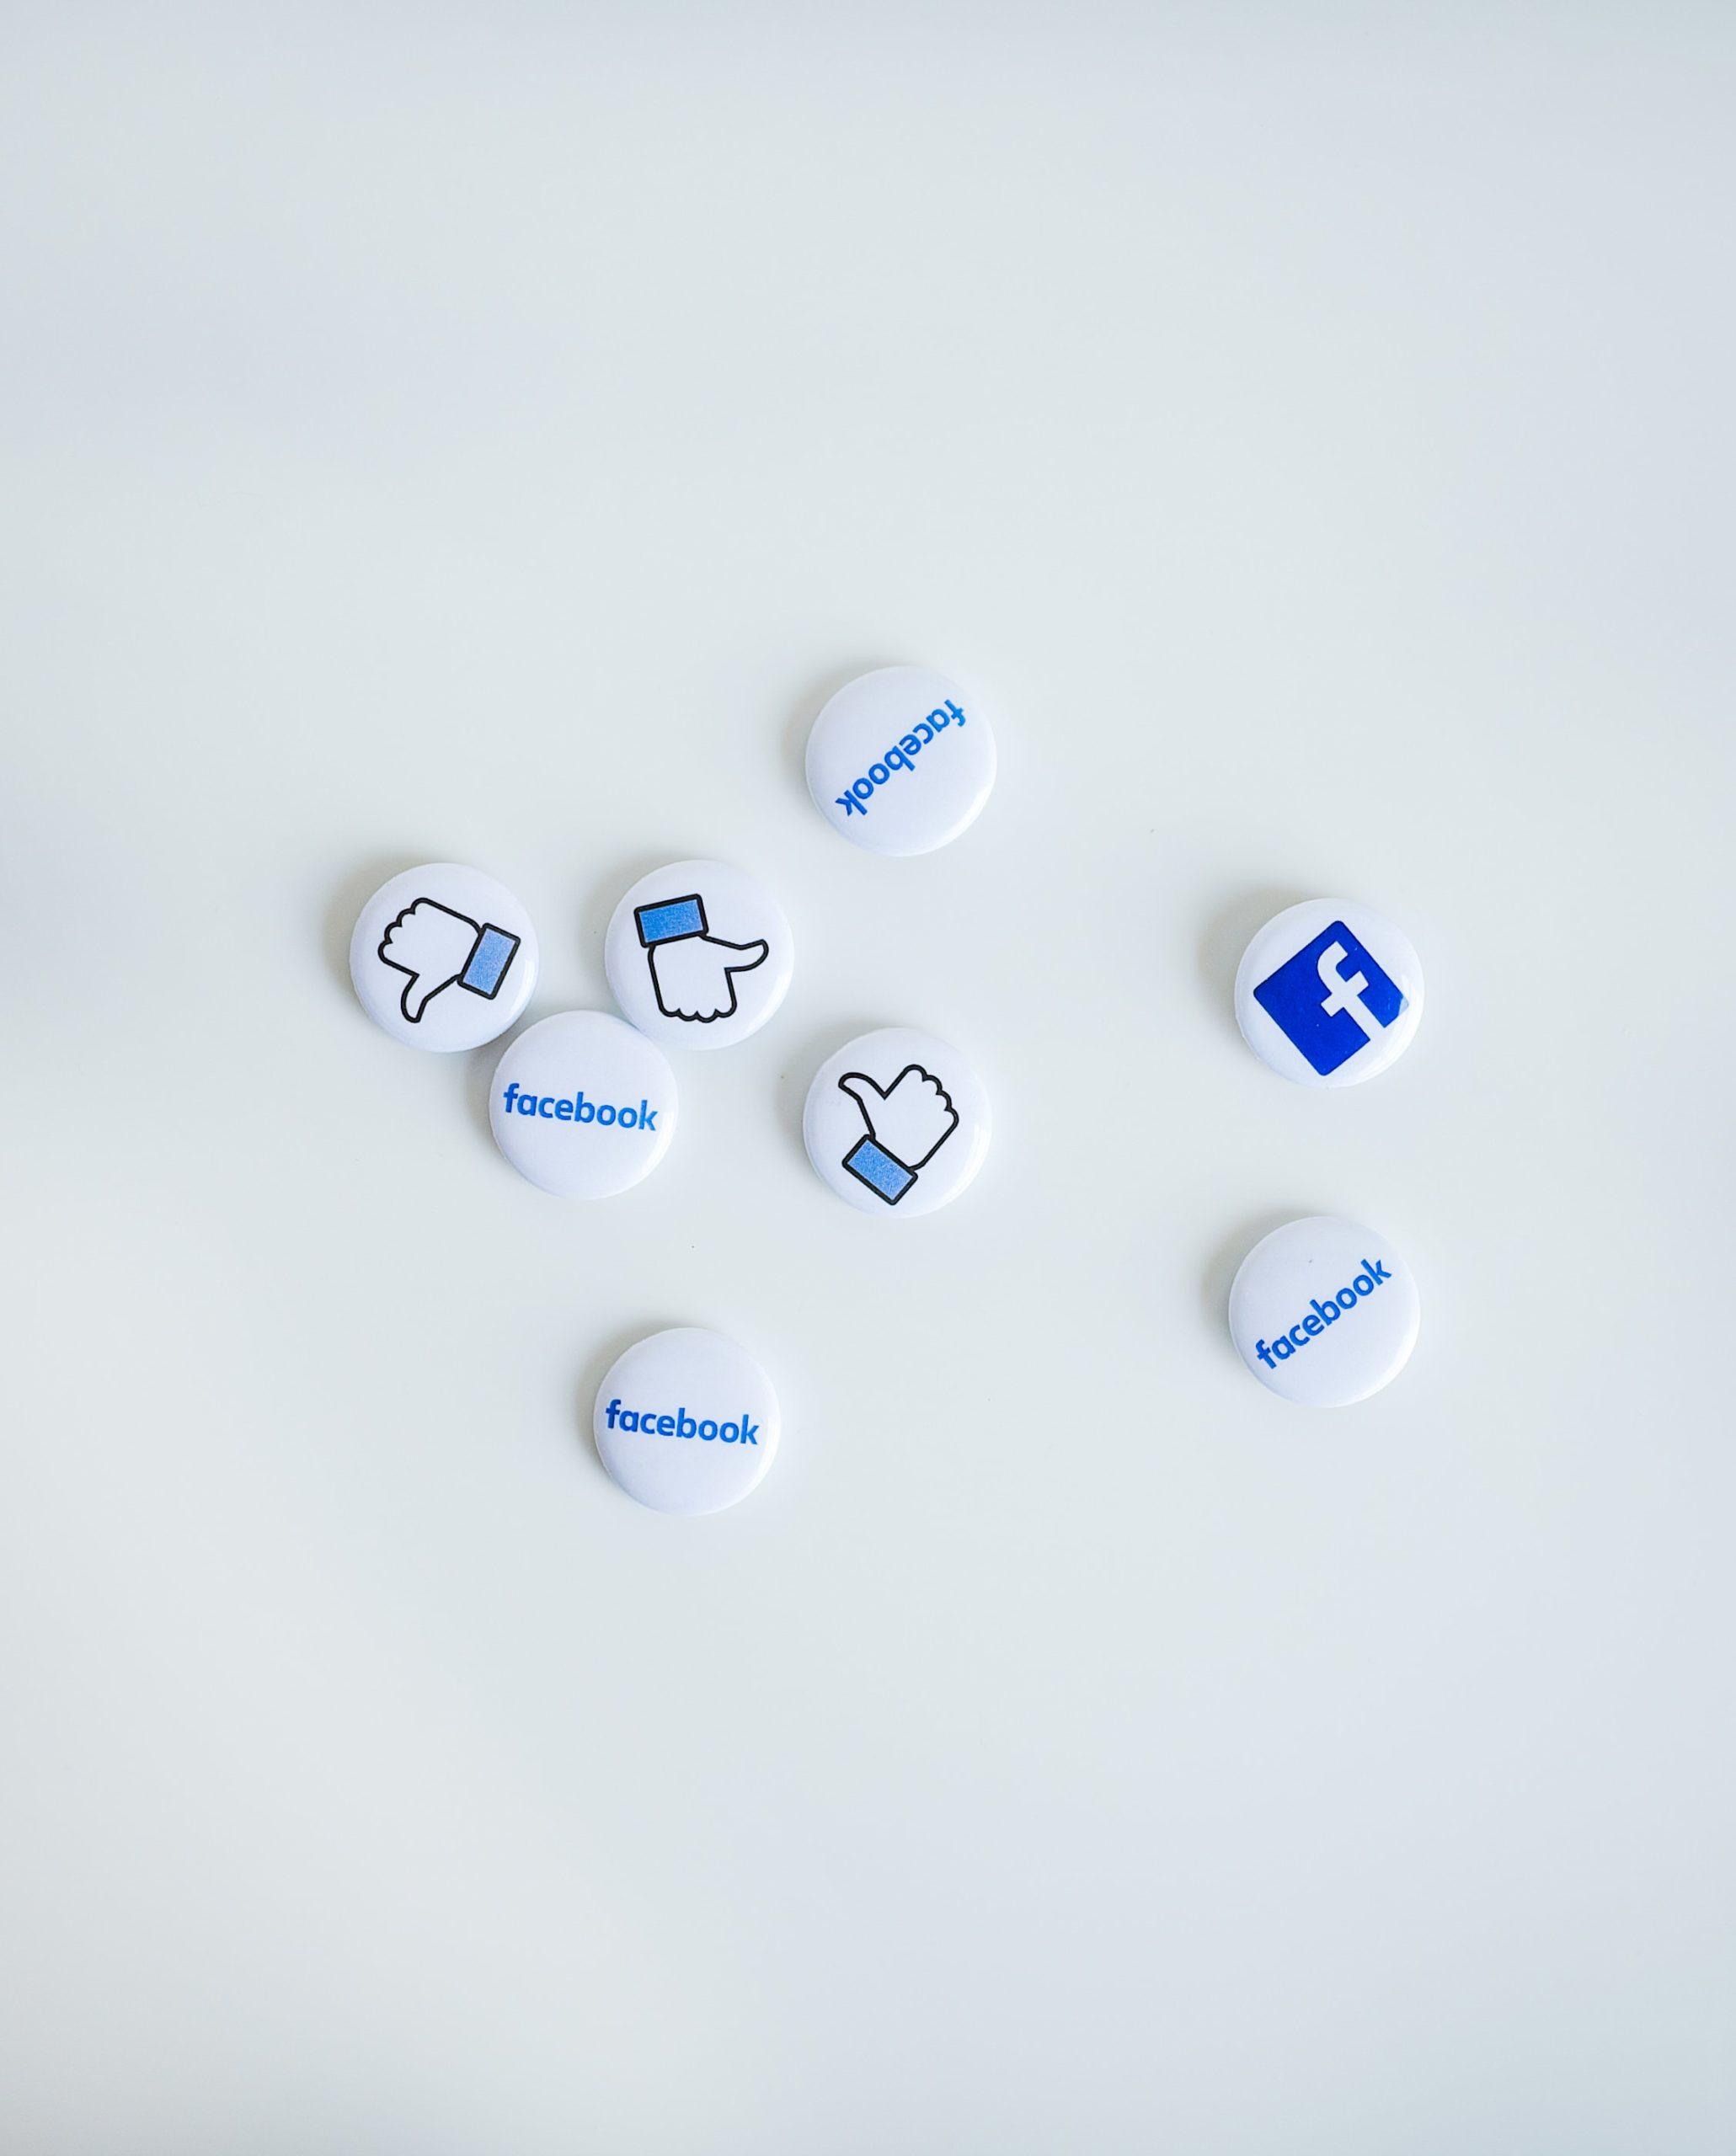 Licenziamento per colpa grave e post su Facebook